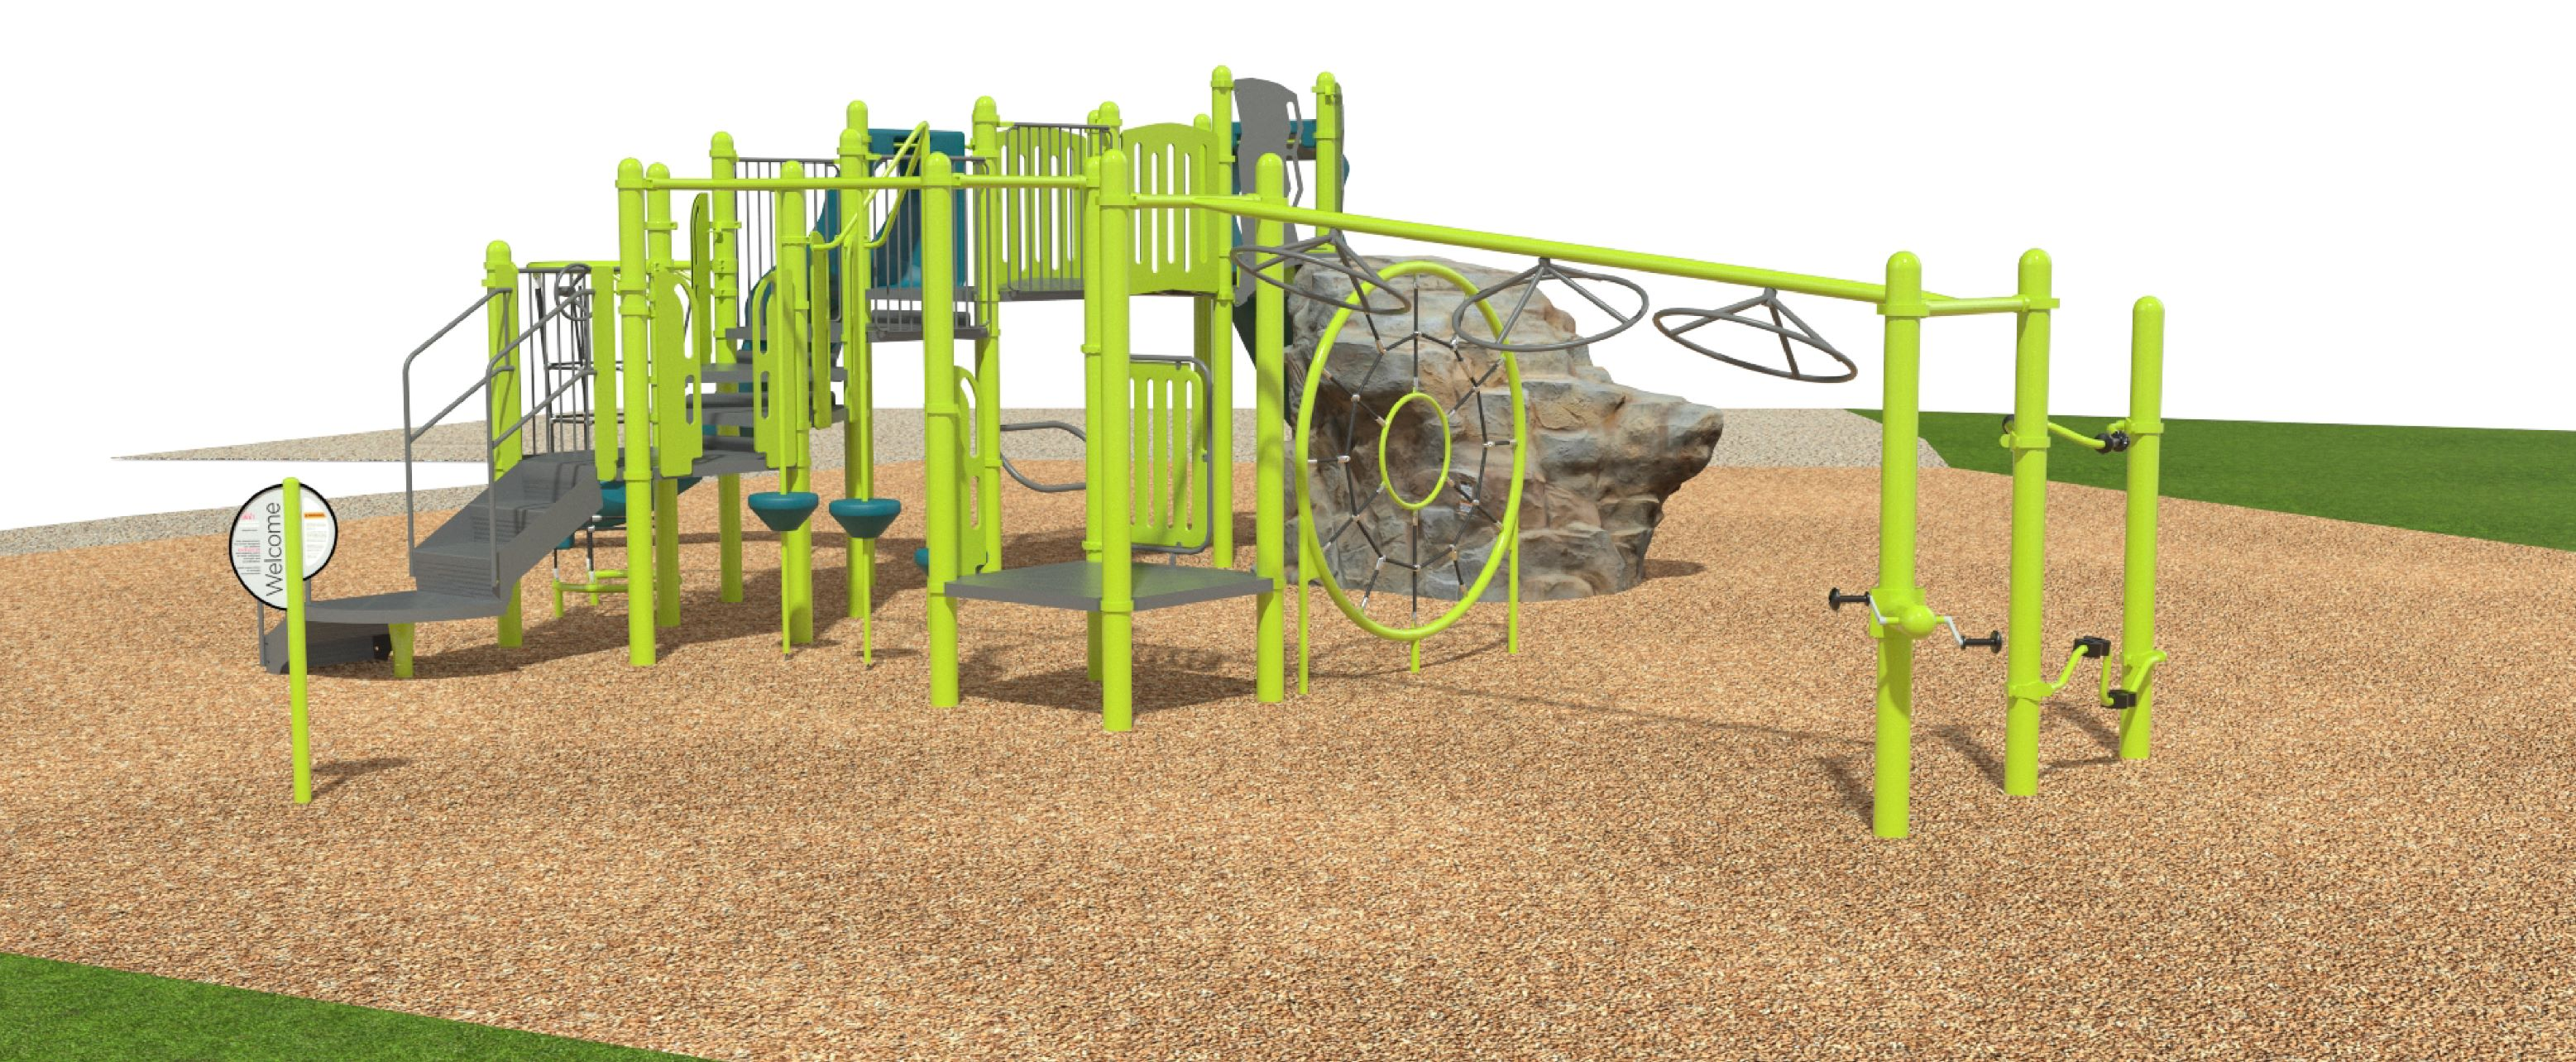 LBR2 Playground image-01